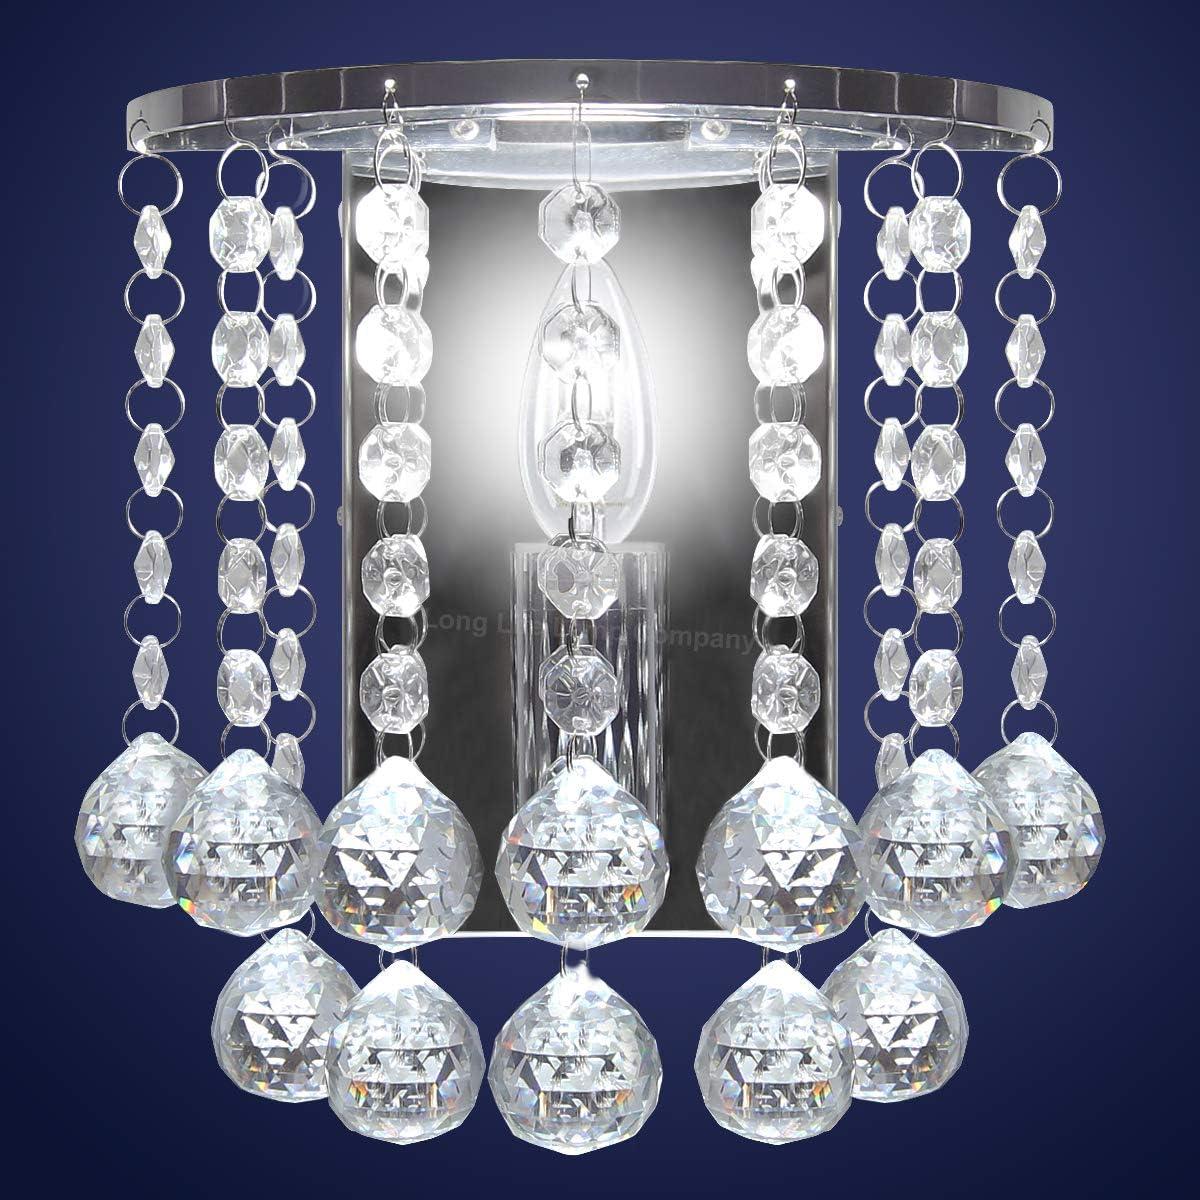 Details about Modern LED Crystal Droplet Chandelier Elegant Ceiling Wall Light Decor Lights UK